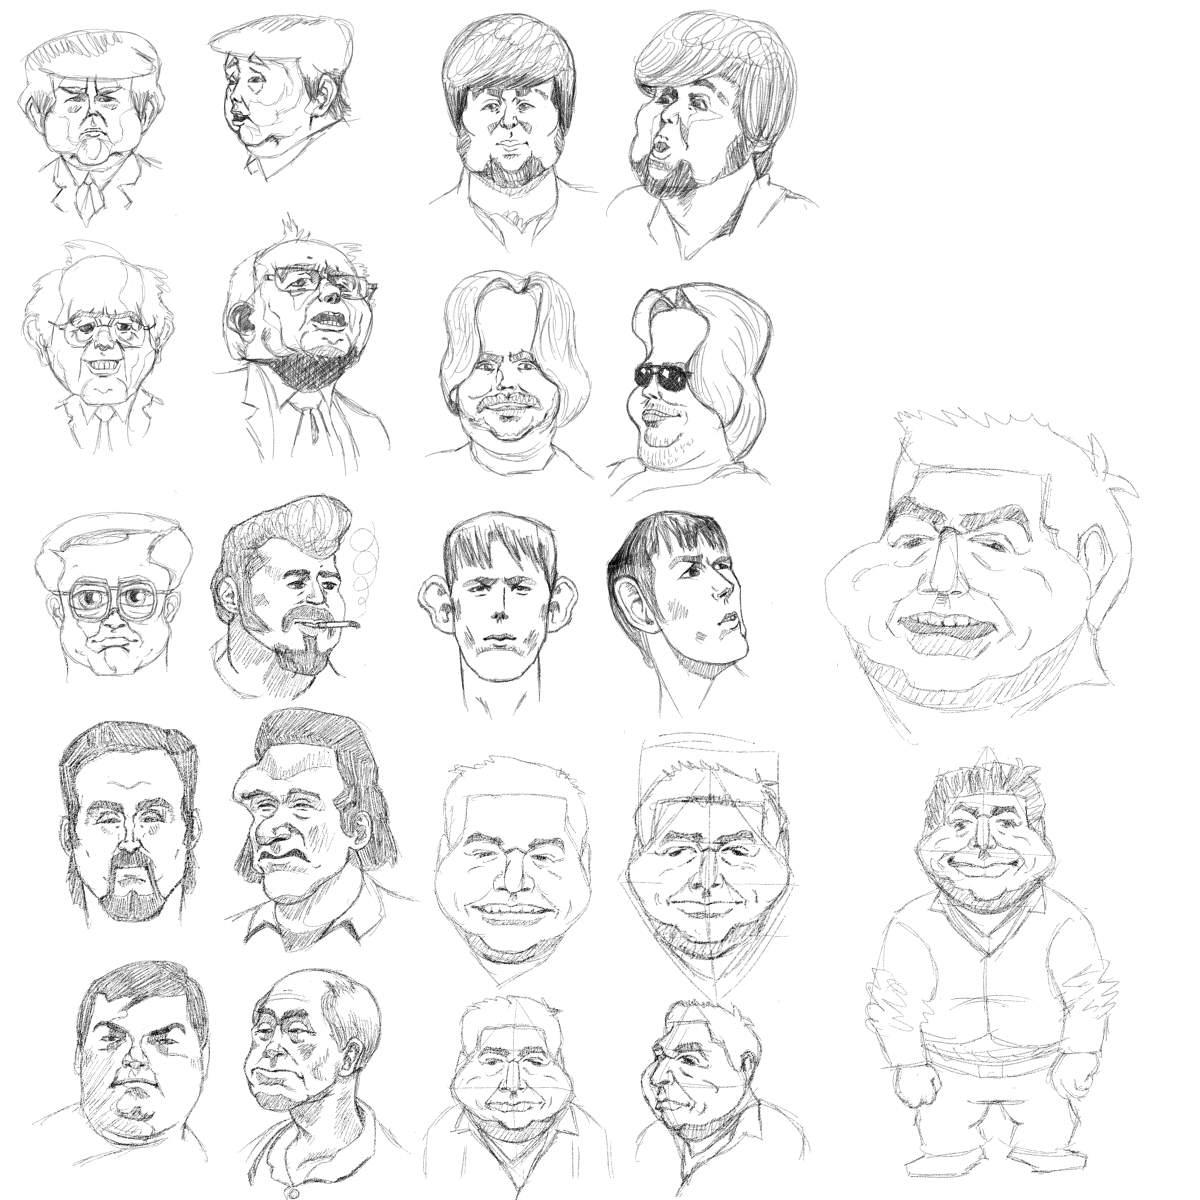 Random caricatures